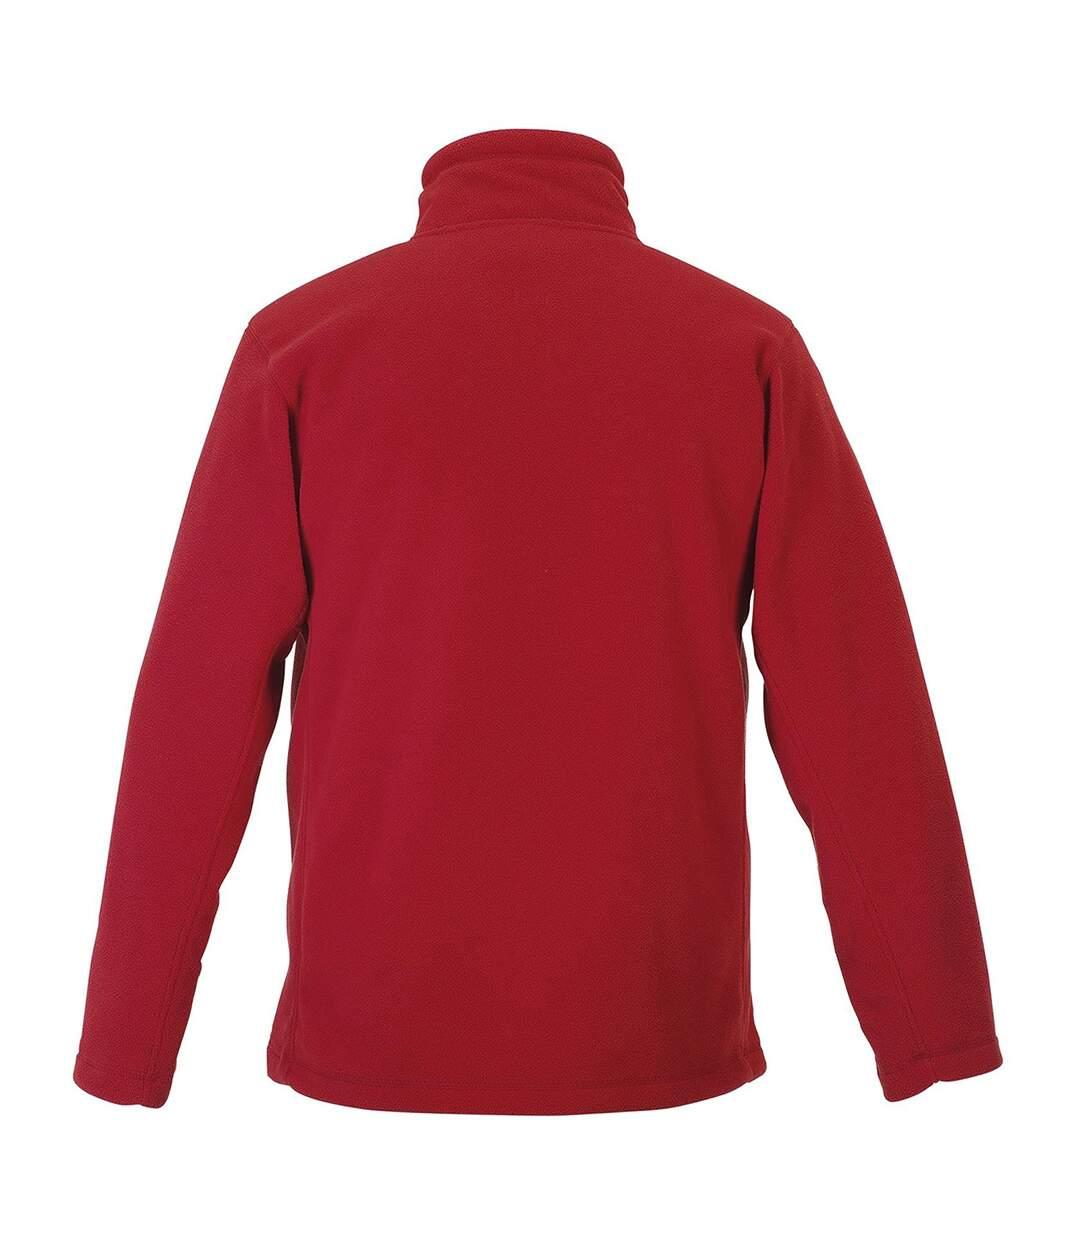 Russell Mens Full Zip Outdoor Fleece Jacket (Classic Red) - UTBC575